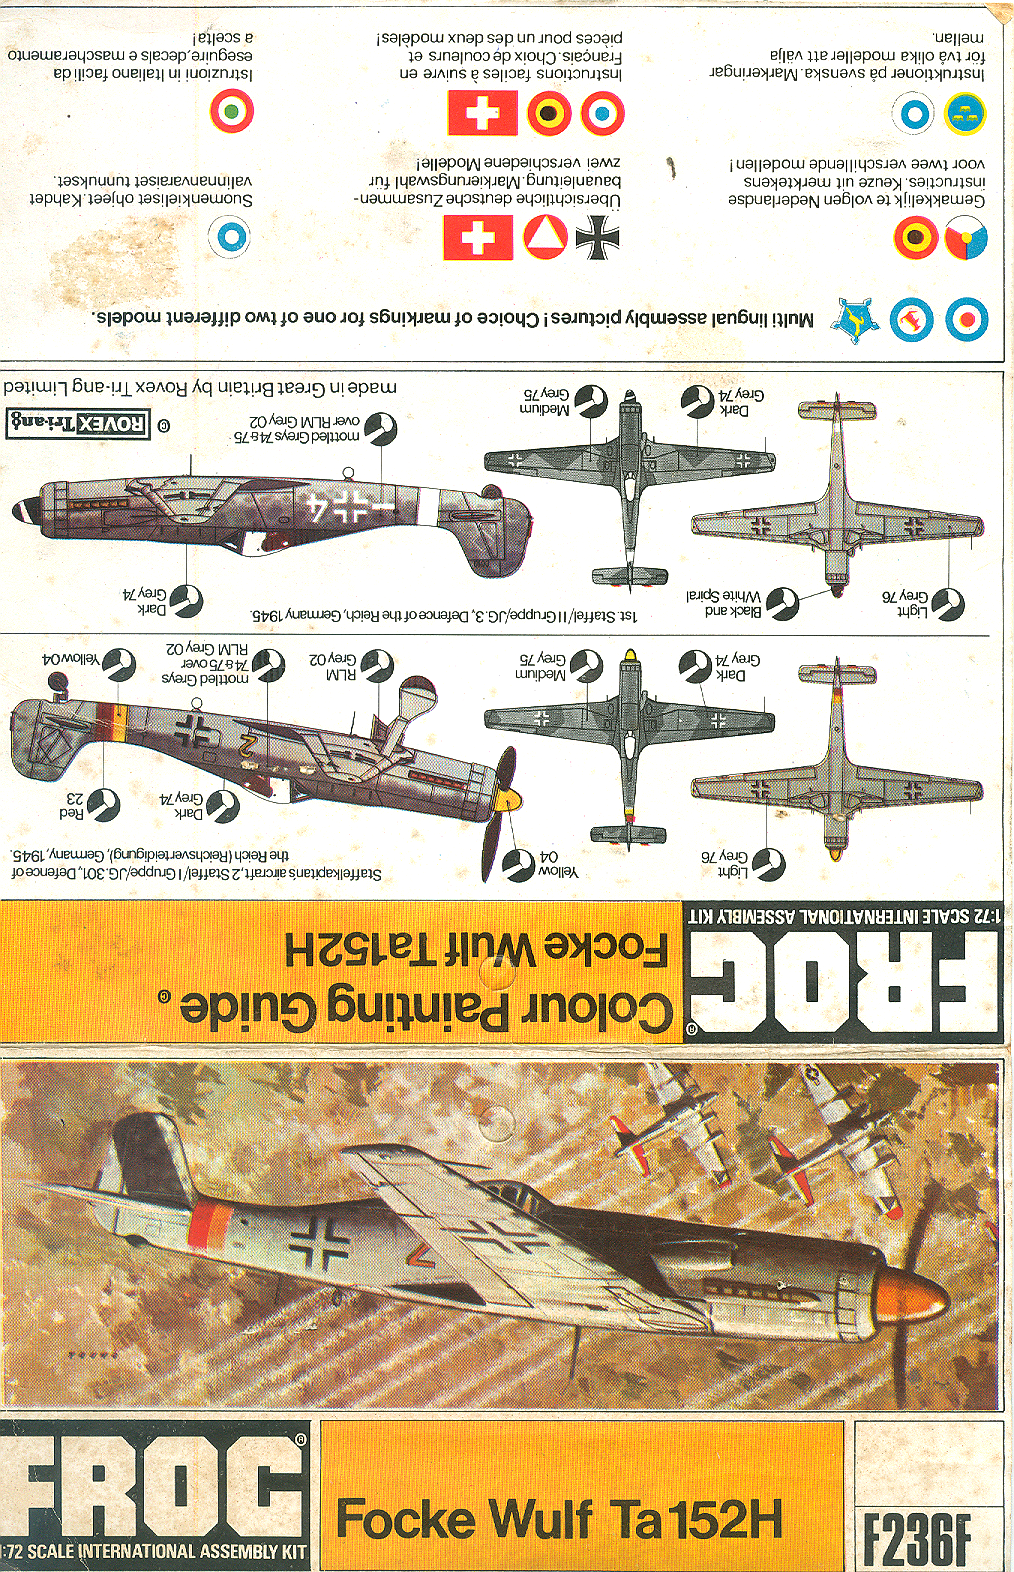 Обои german airplane, ww2, painting.aviation, Fw 190 d-9, bomber hunter, war. Авиация